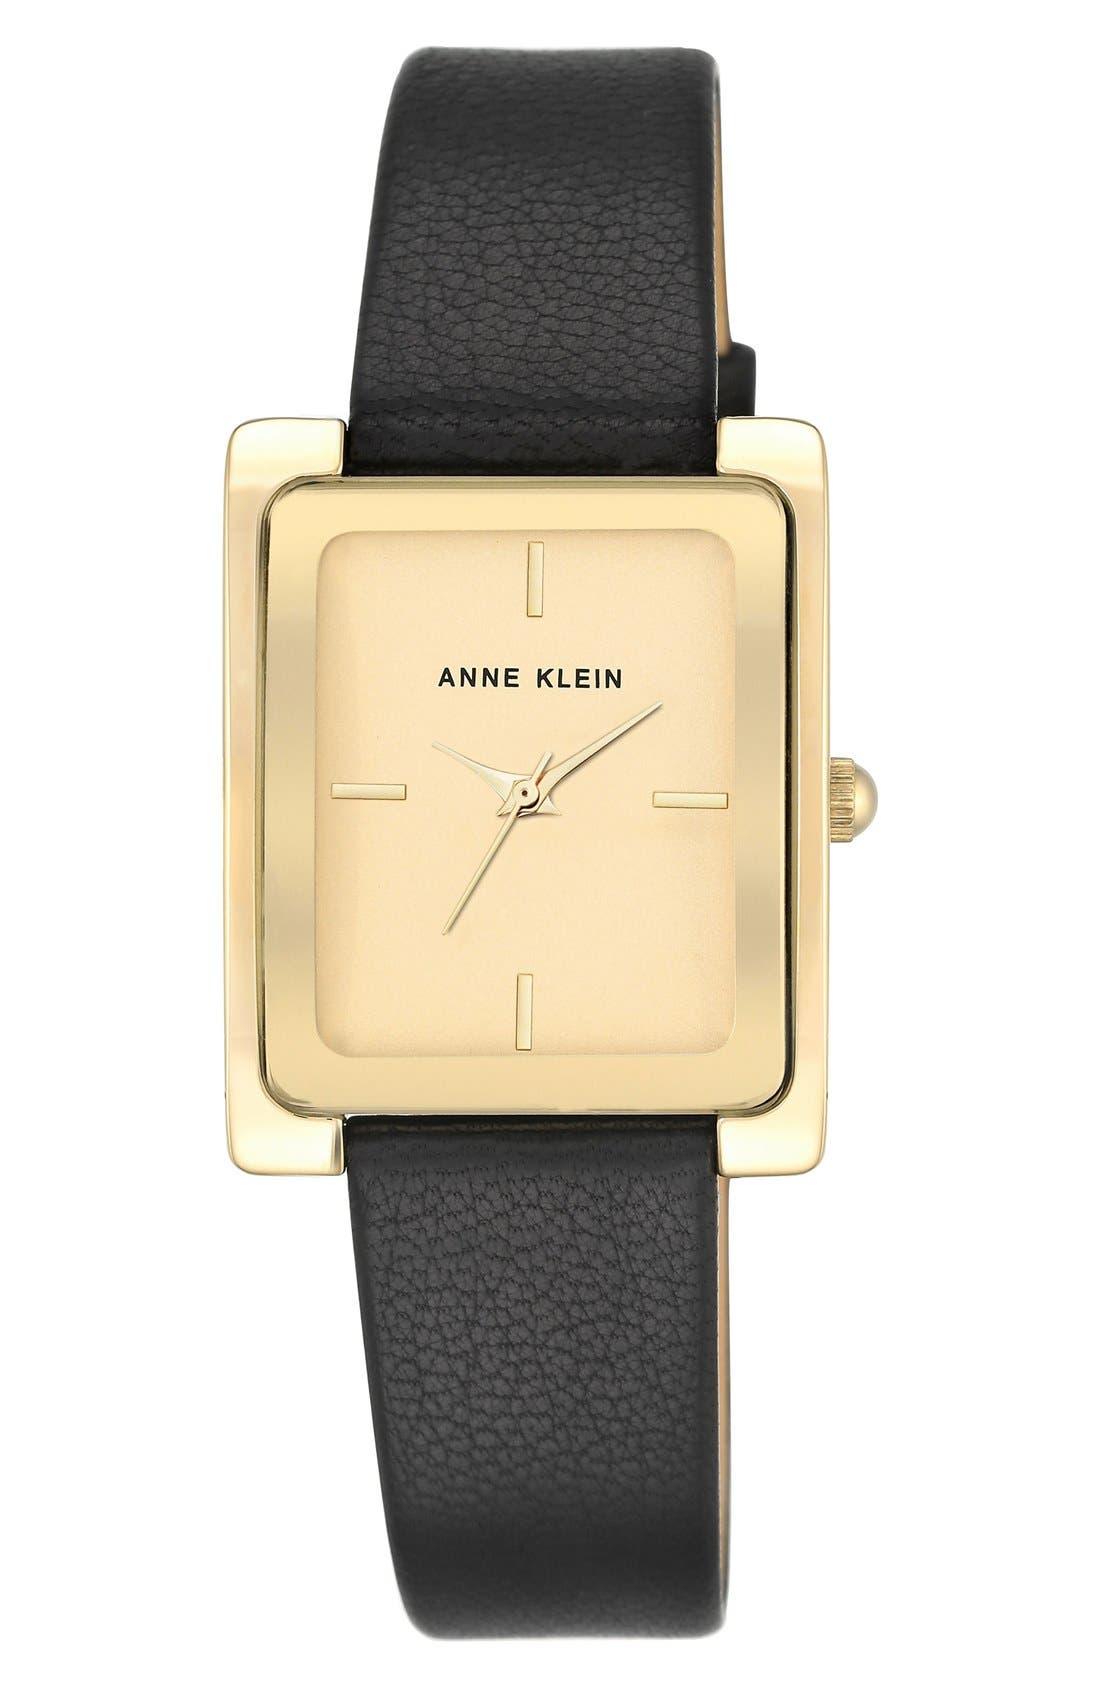 Main Image - Anne Klein Rectangular Leather Strap Watch, 28mm x 35mm